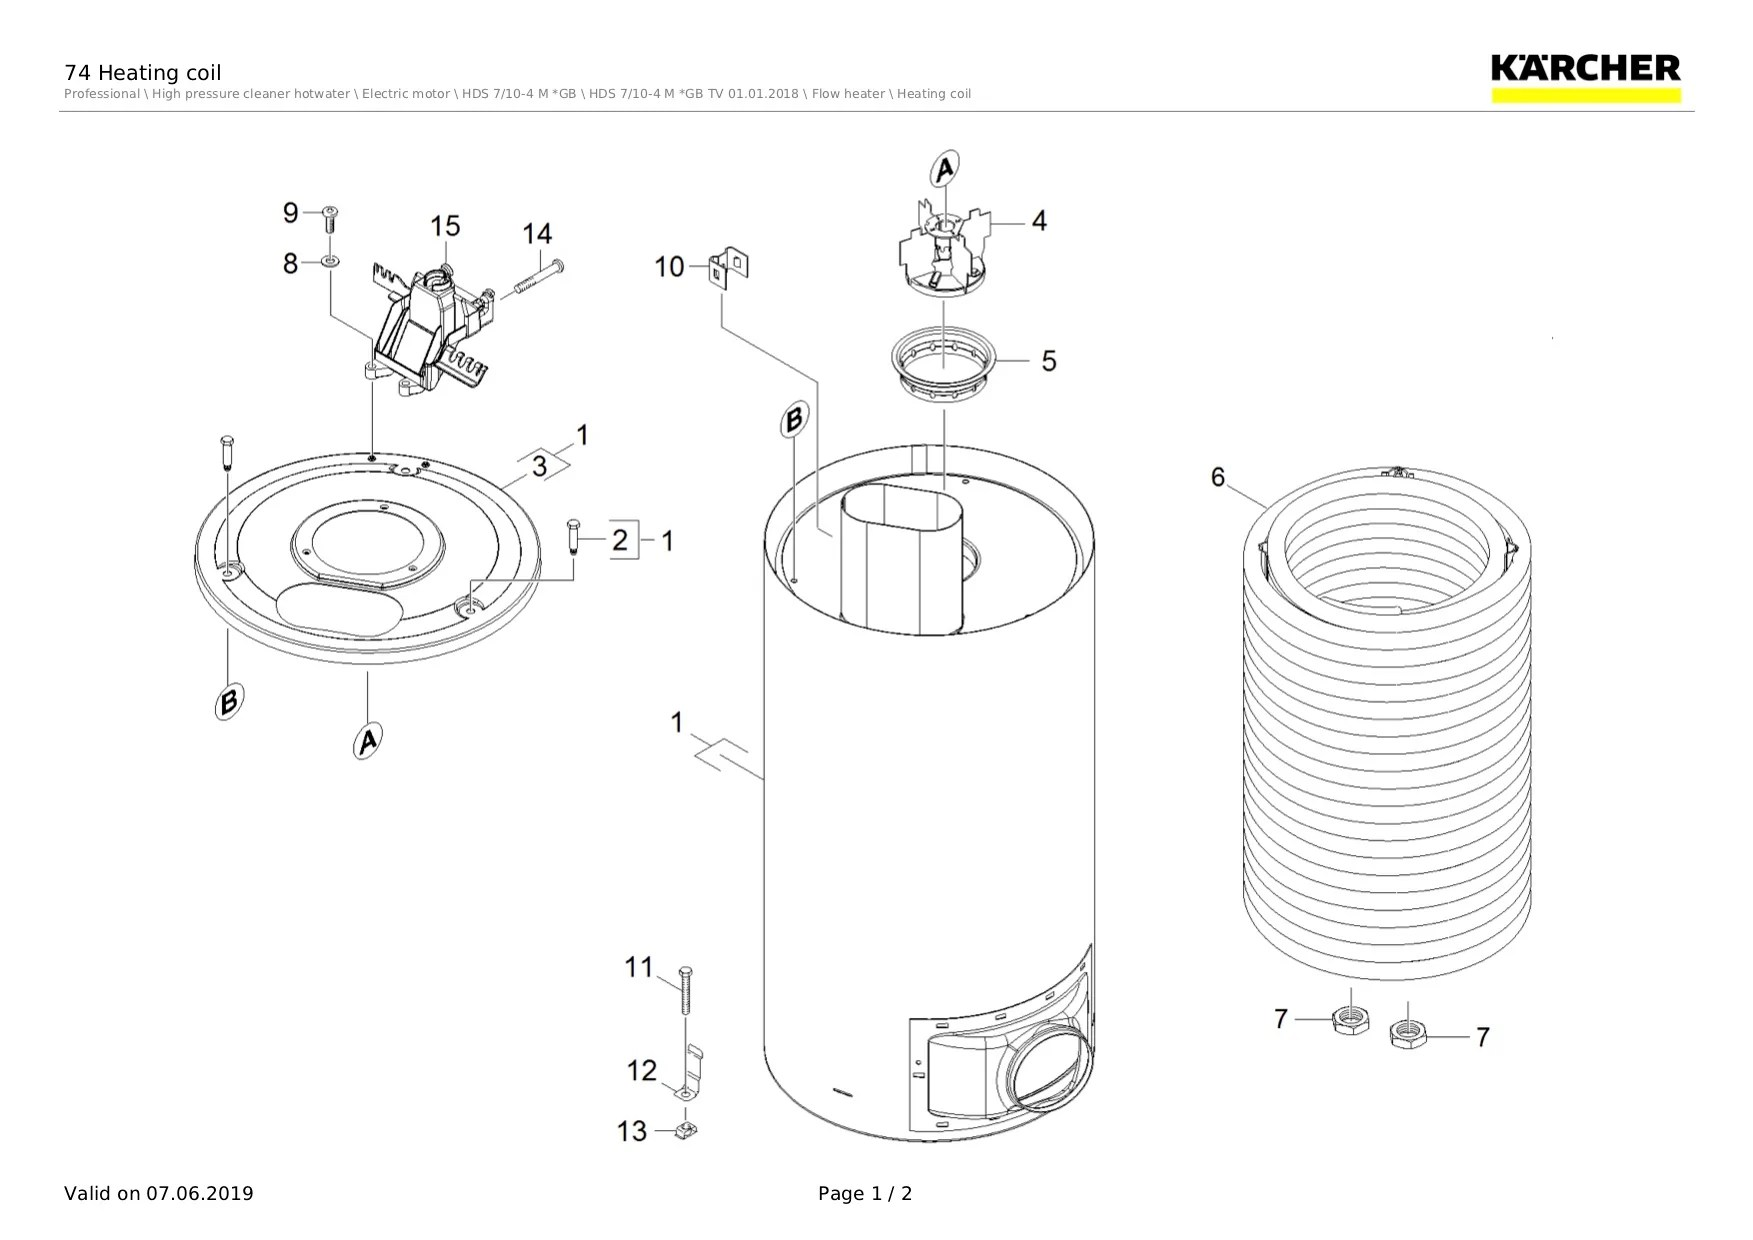 karcher hds 7 10 4m spare parts list [ 1753 x 1240 Pixel ]